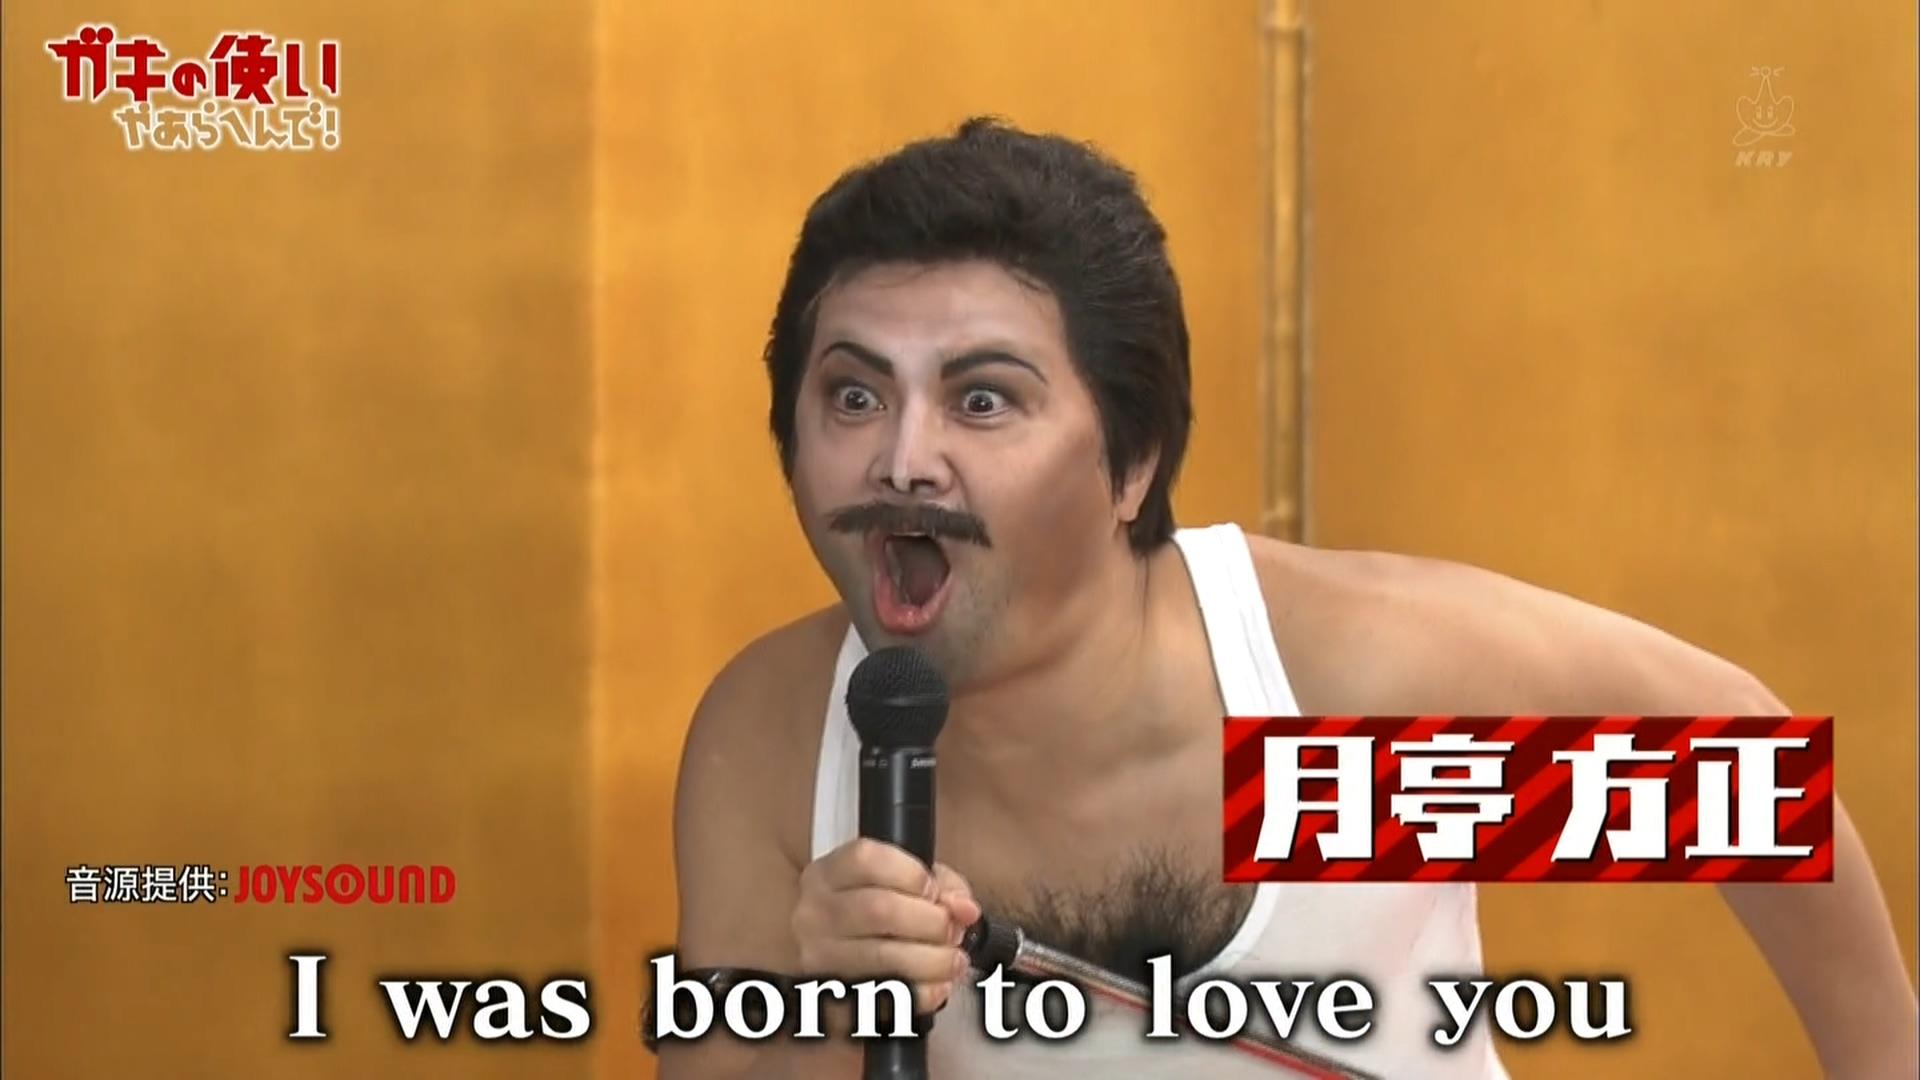 【水曜事务所】Gaki使 猪年也是搞笑最棒!新春大新年会~!!190127【中字】